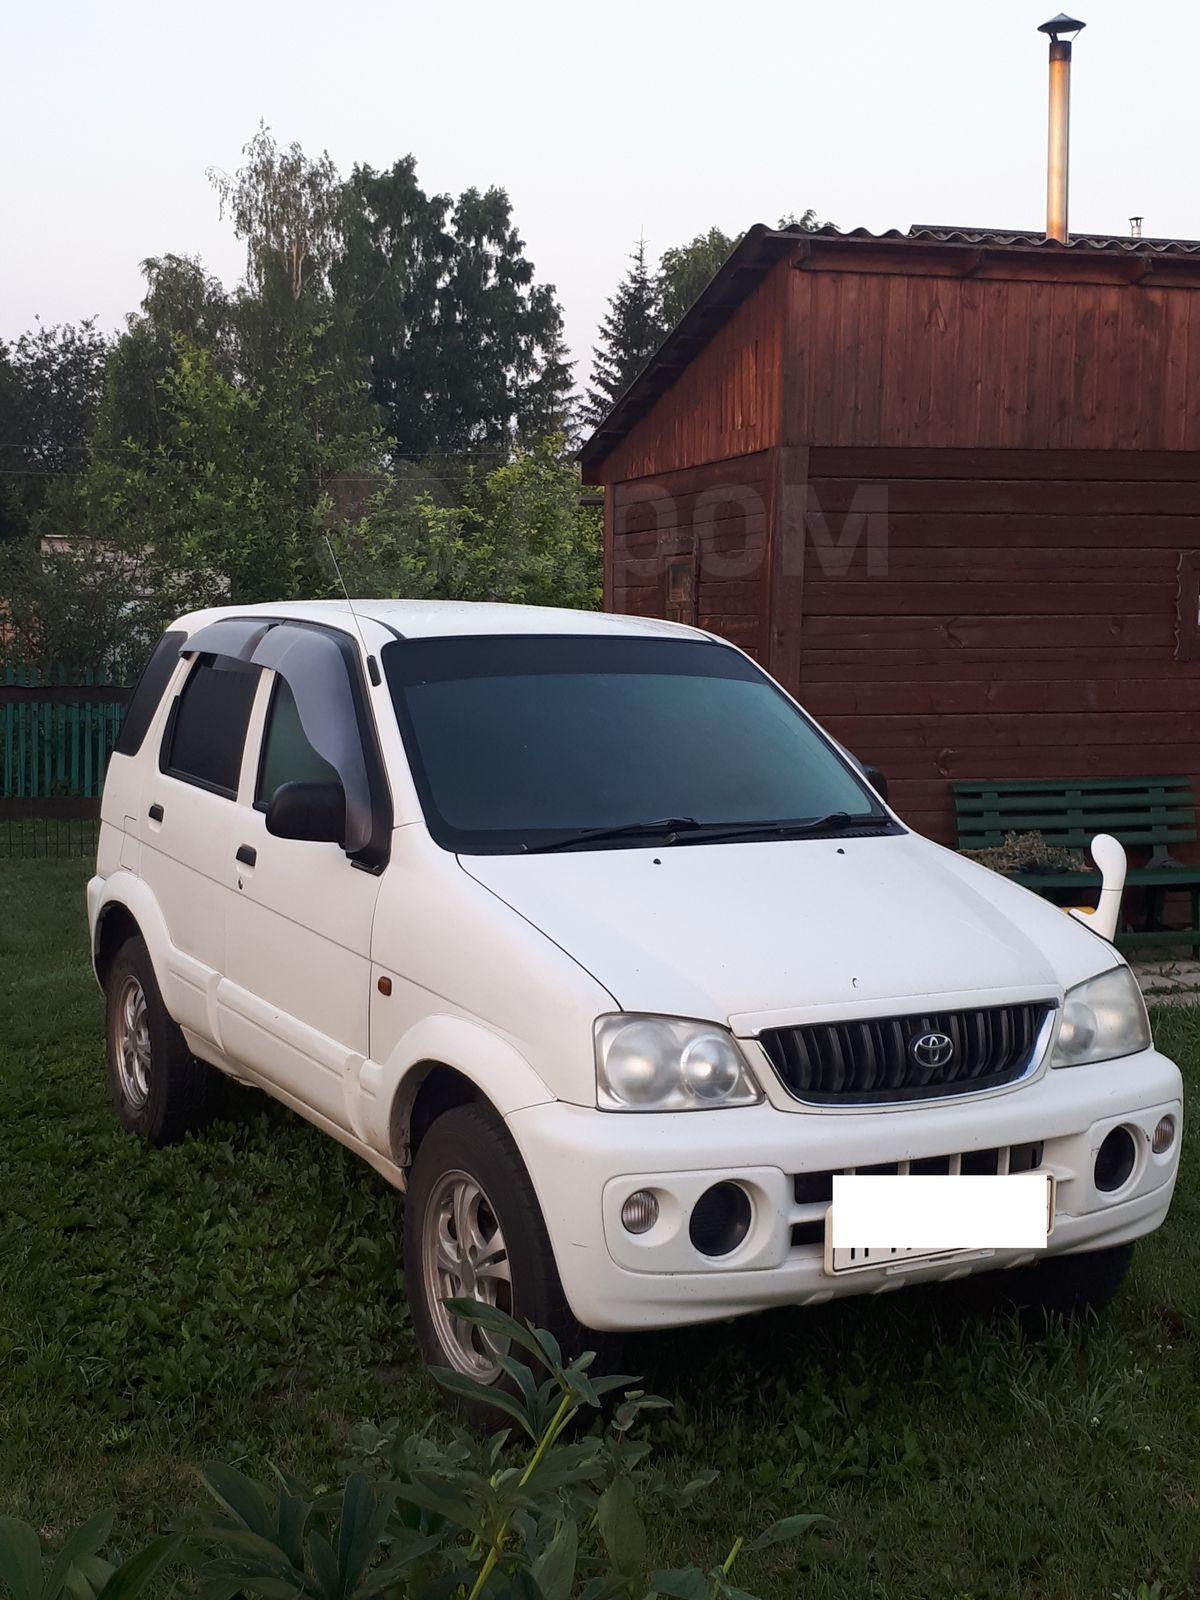 ca8ceb4dff36 Купить автомобиль Тойота Ками 2004 в Новосибирске, Отличная надежная ...